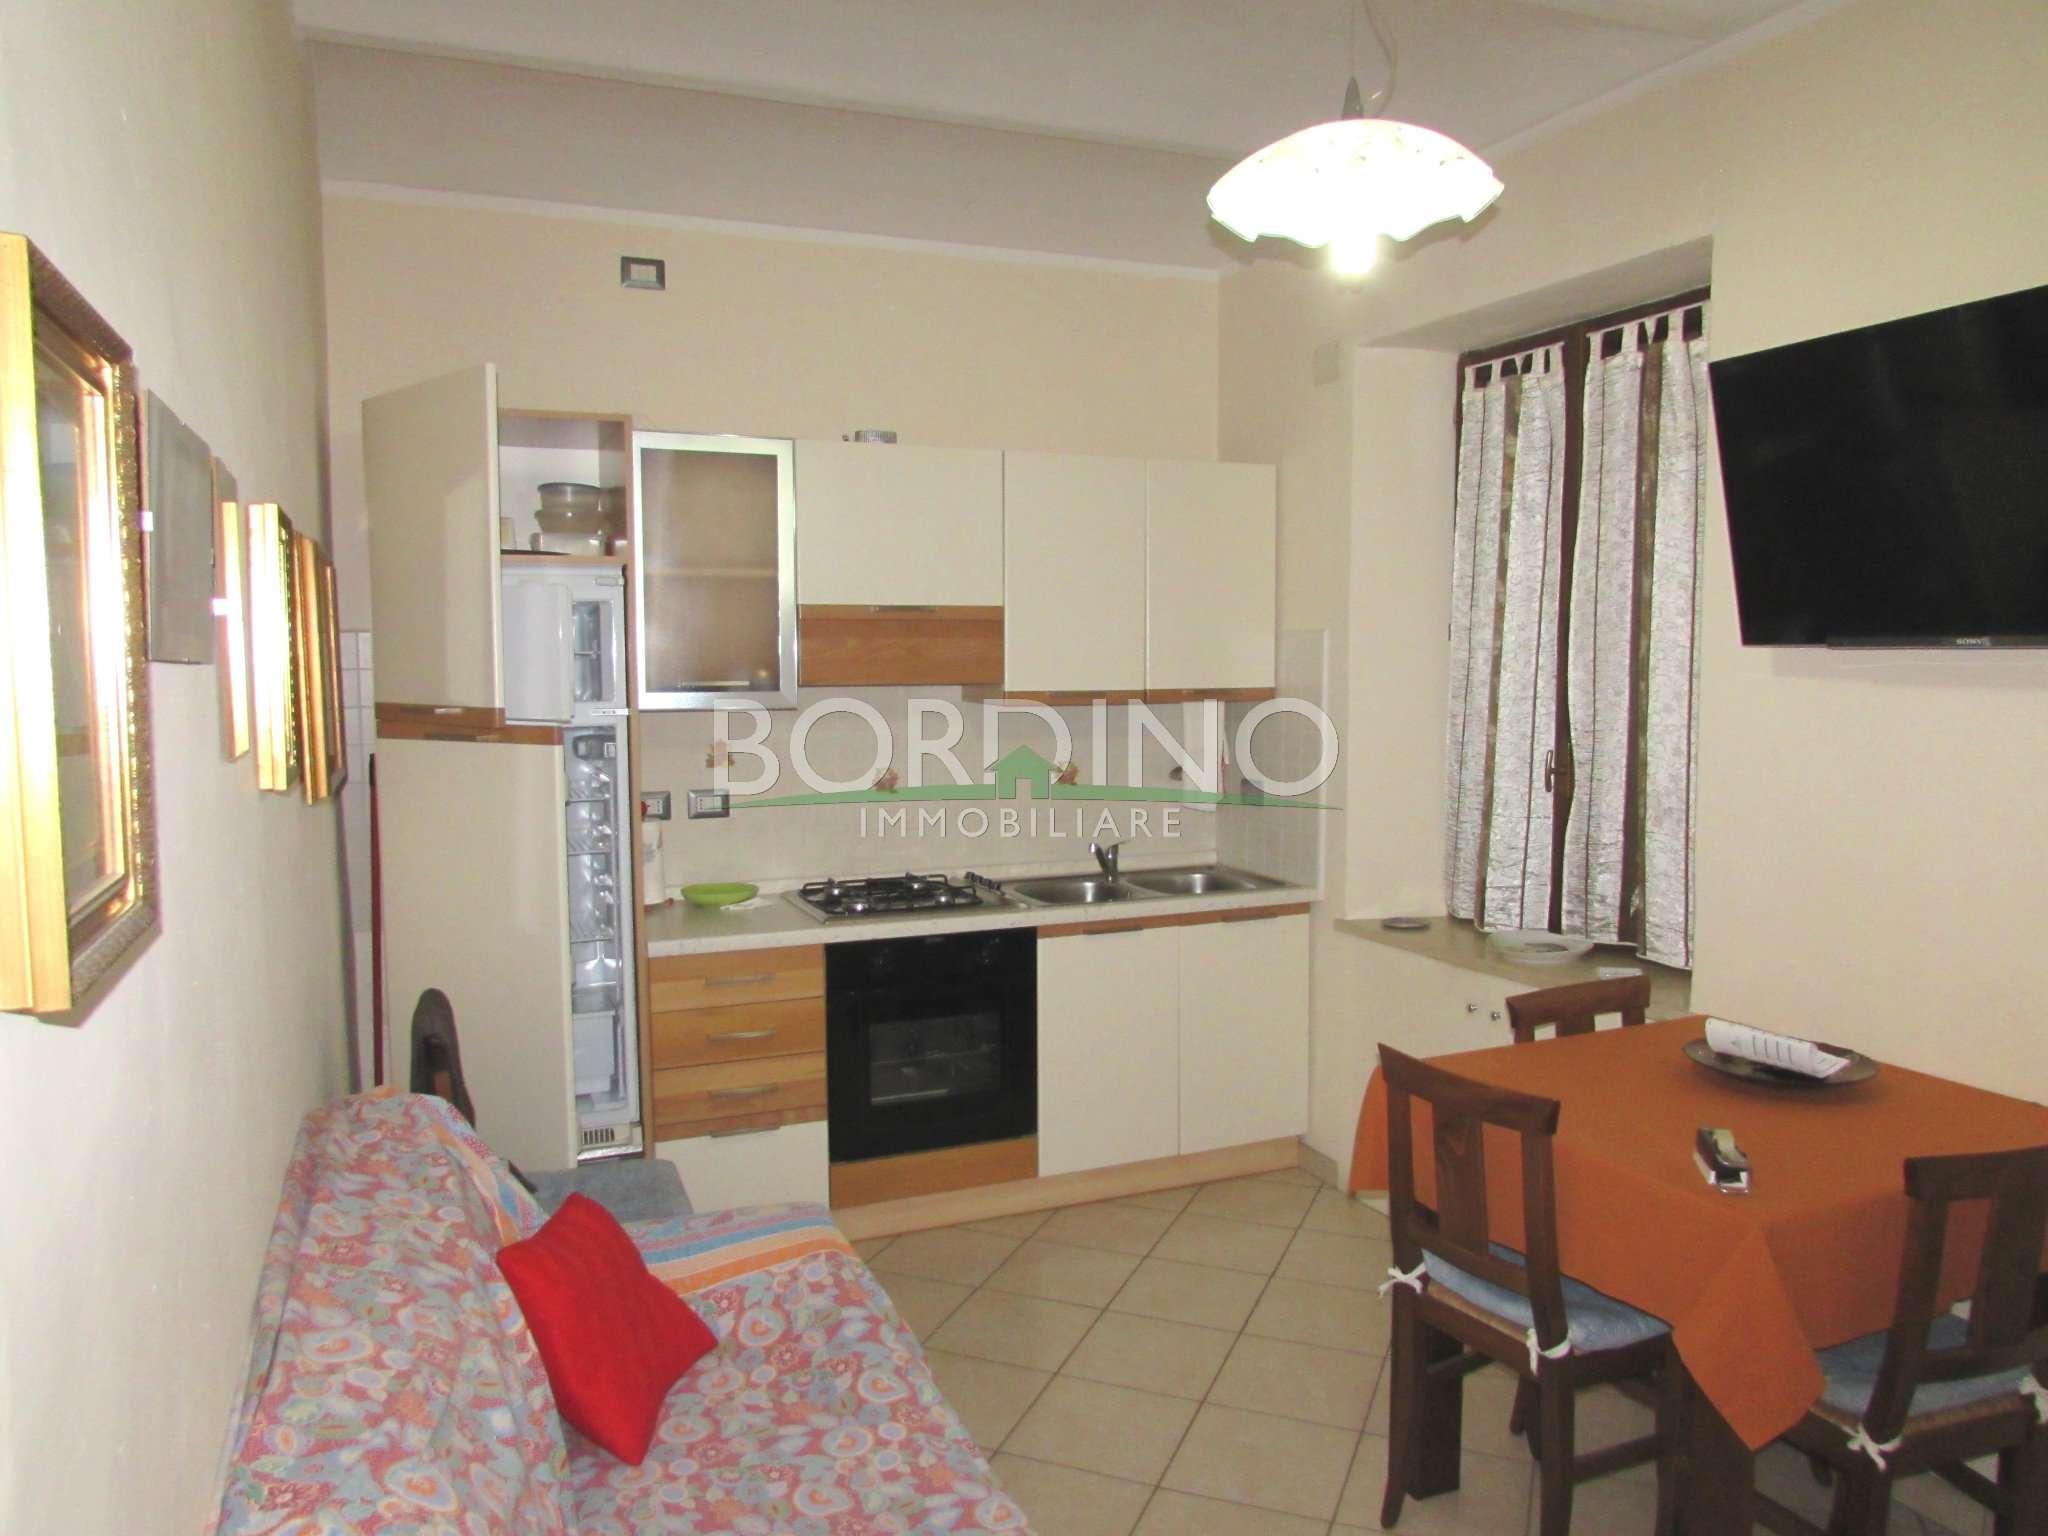 Soluzione Indipendente in affitto a Govone, 8 locali, prezzo € 700 | Cambio Casa.it